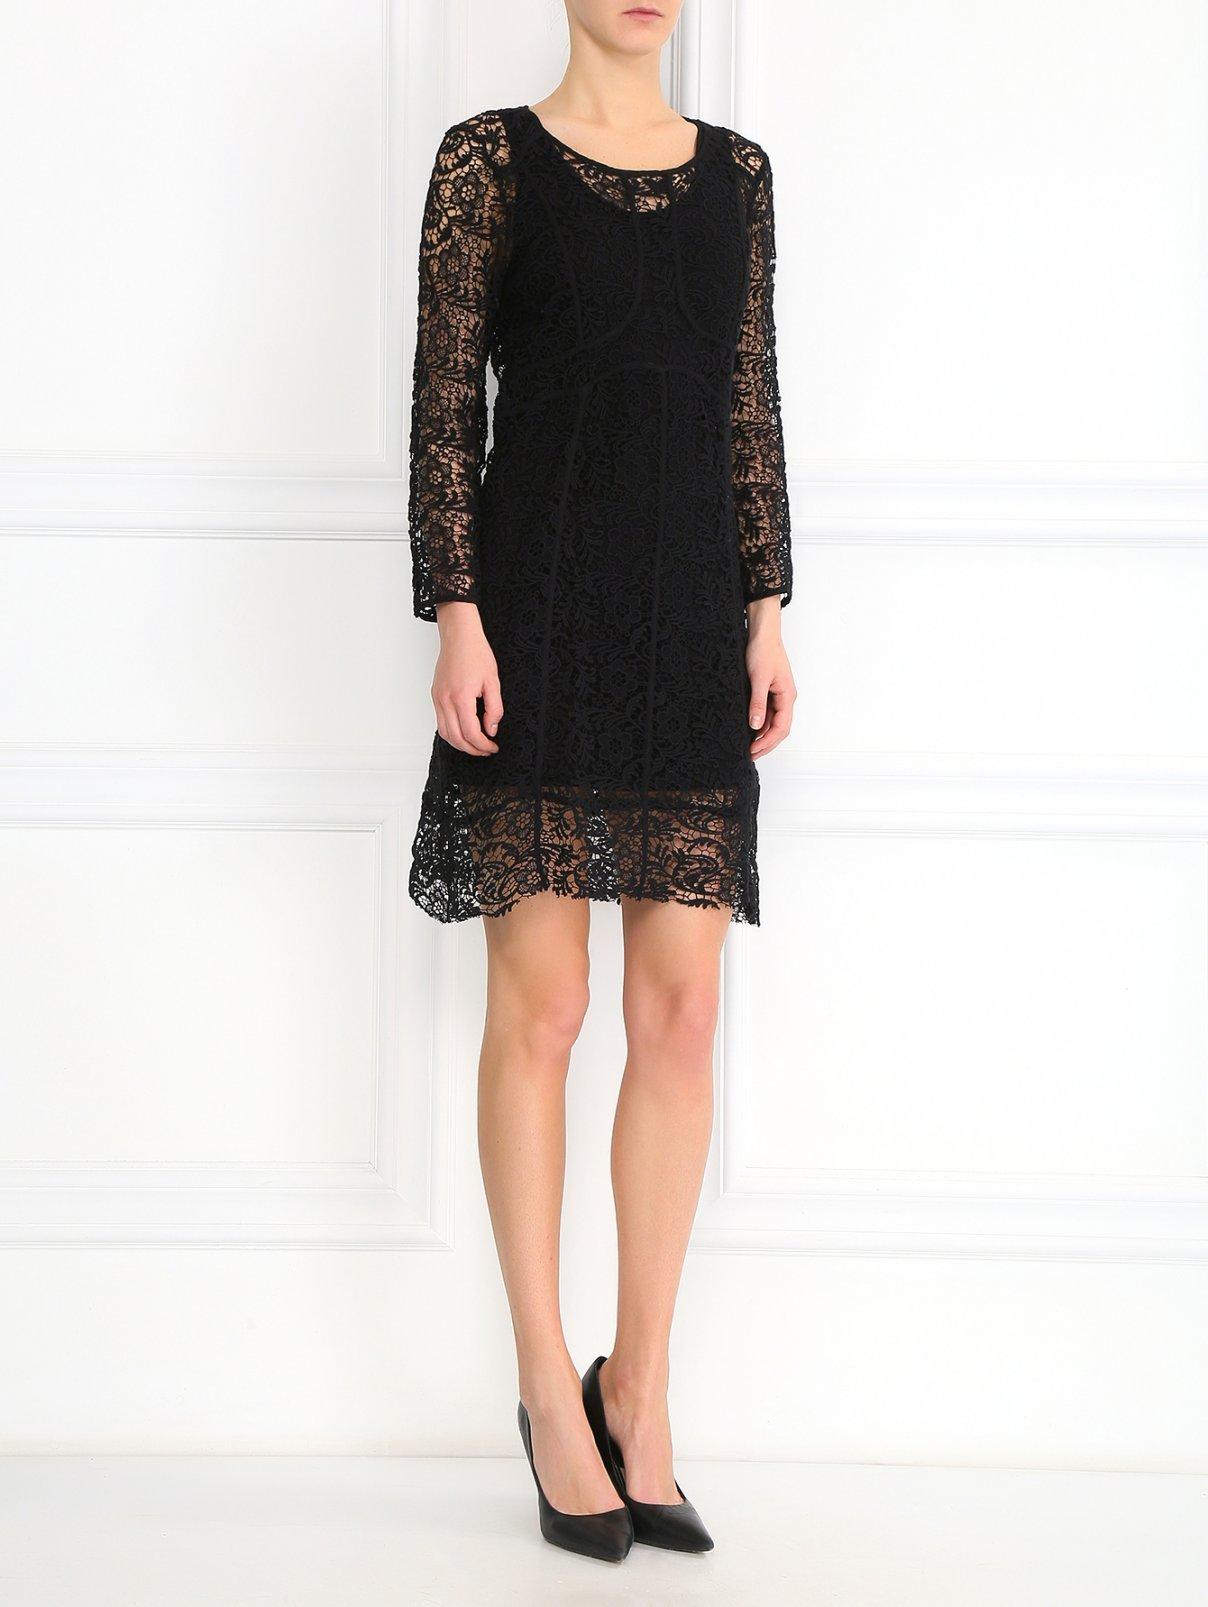 Платье их хлопкового кружева American Retro  –  Модель Общий вид  – Цвет:  Черный